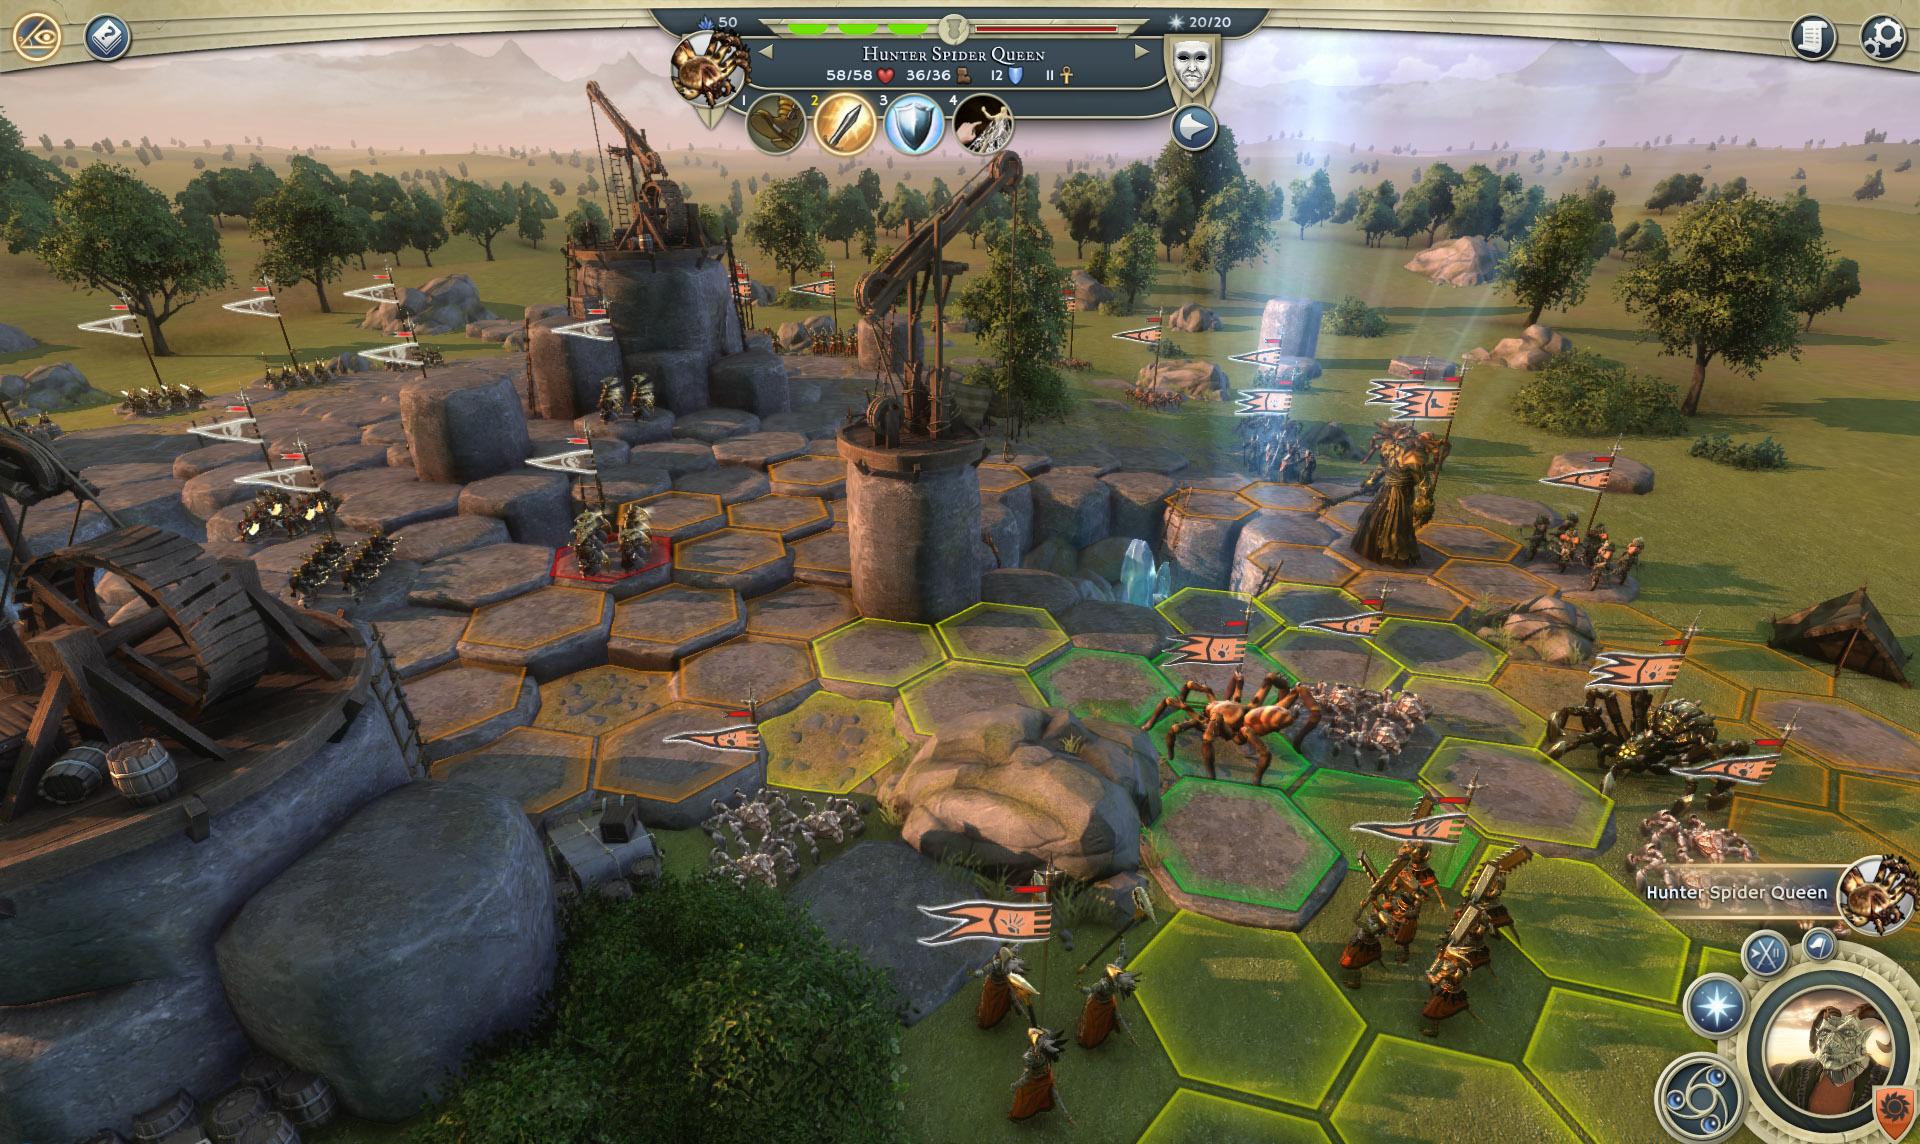 Age Of Wonders III Random Map Gameplay Video GamingShogun